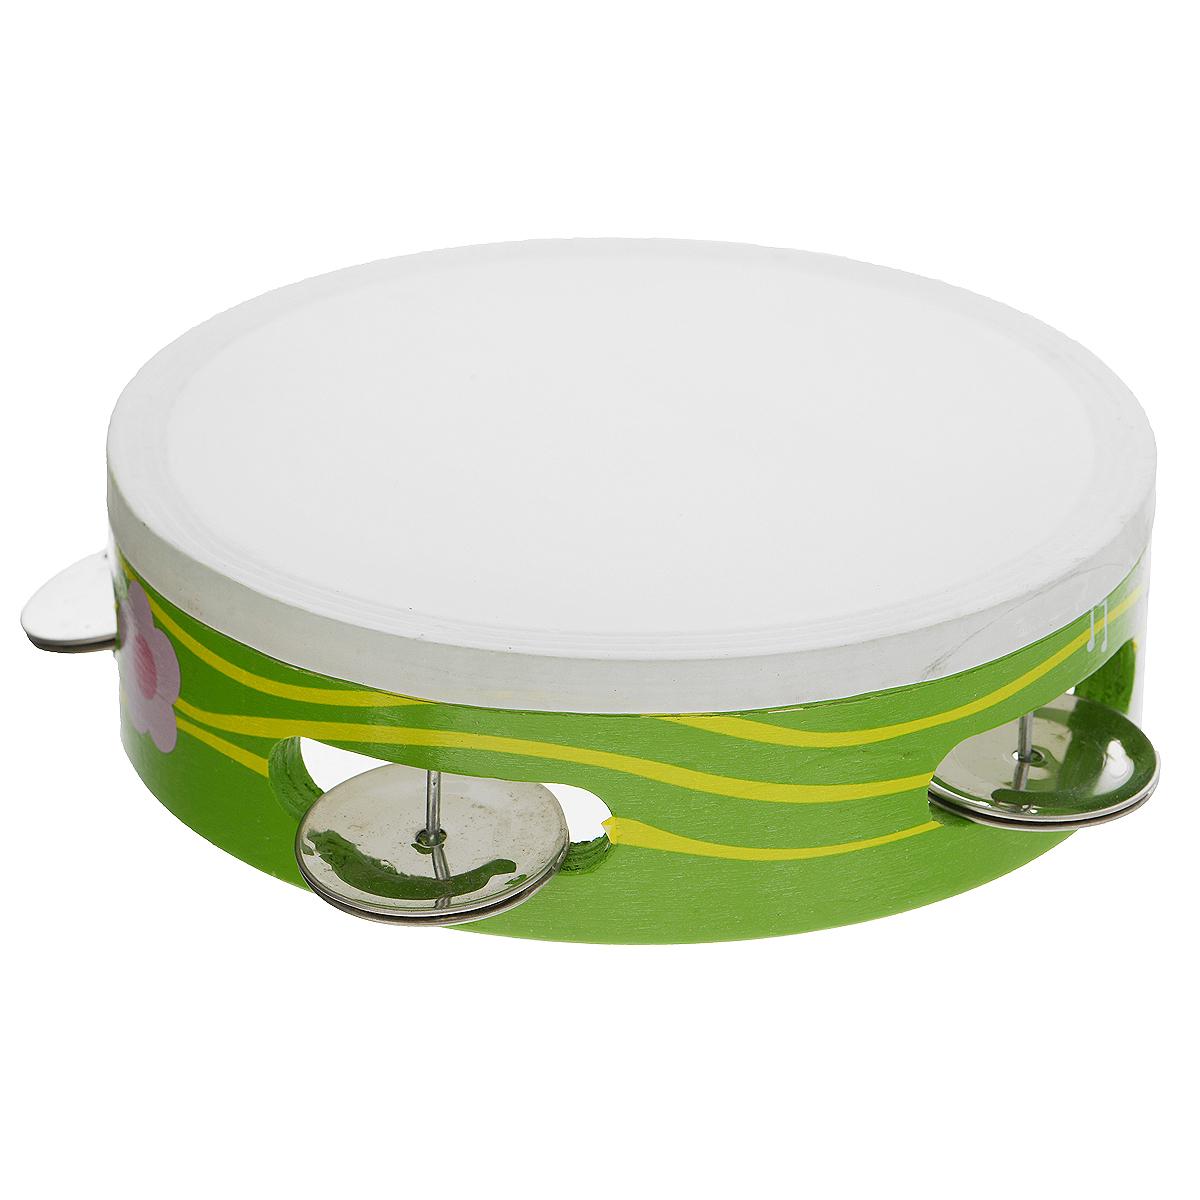 Музыкальная игрушка  Бубен , цвет: зеленый. Д212_зеленый